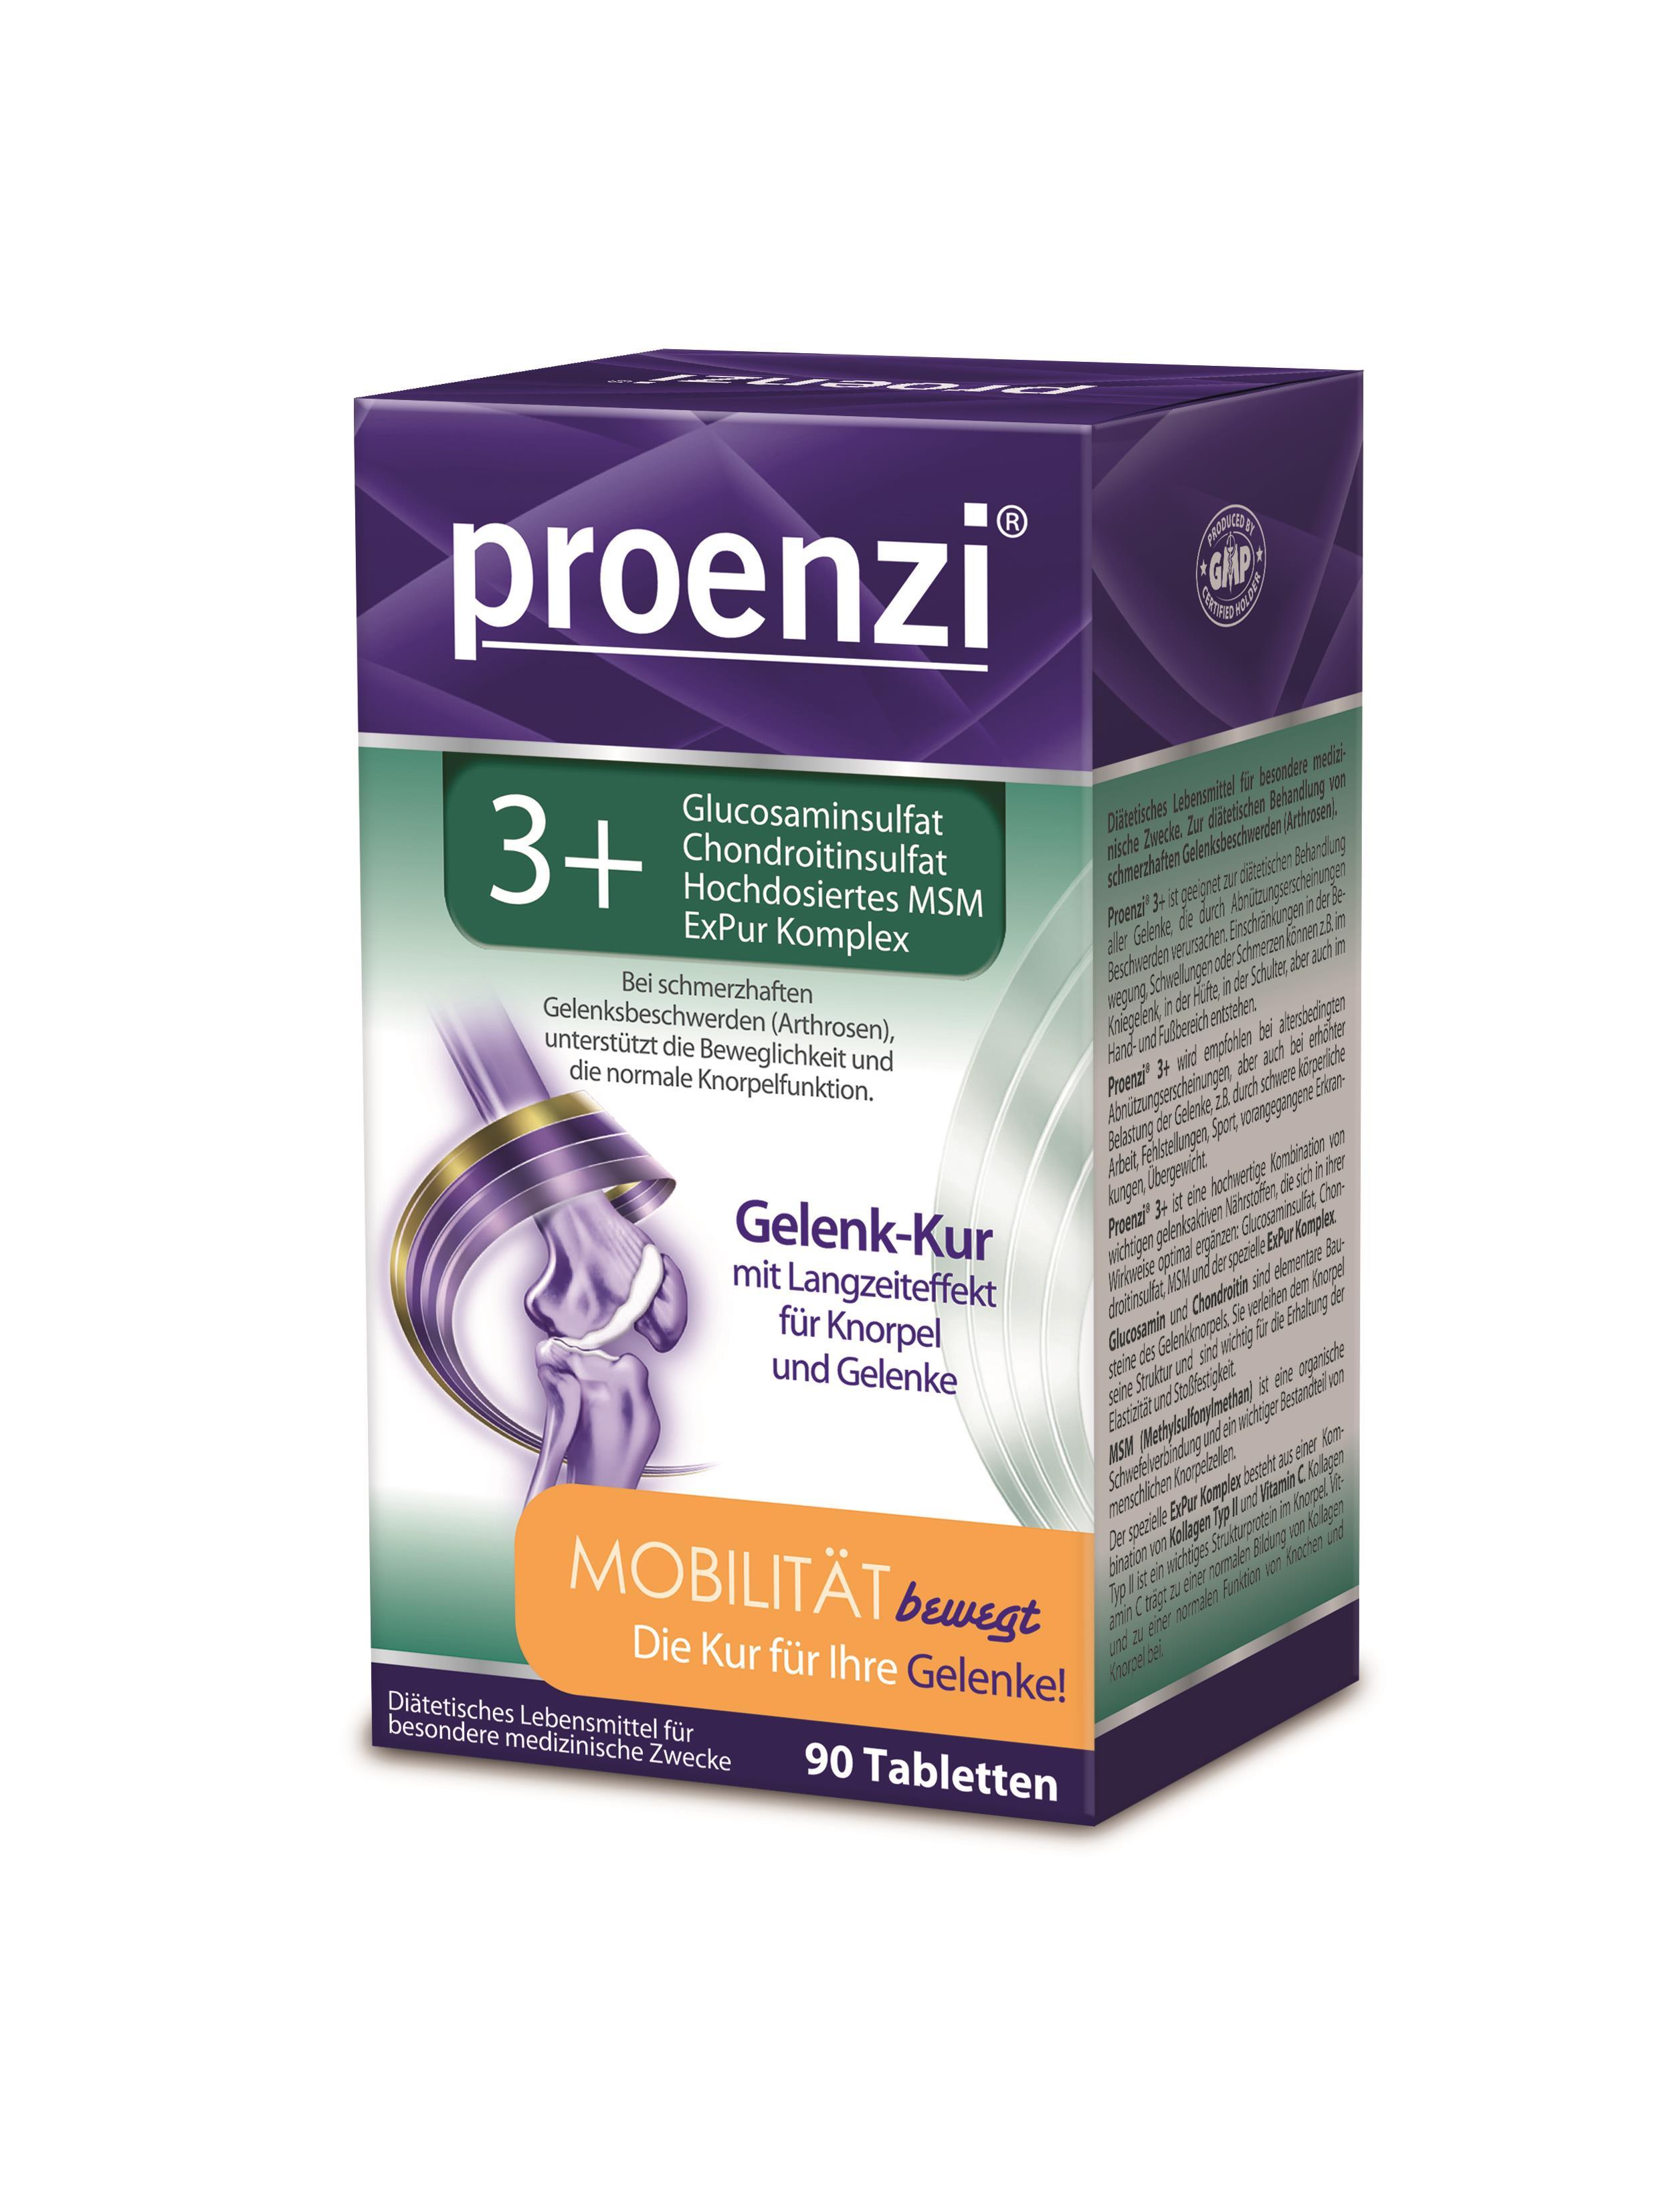 Proenzi 3+ Gelenk-Kur